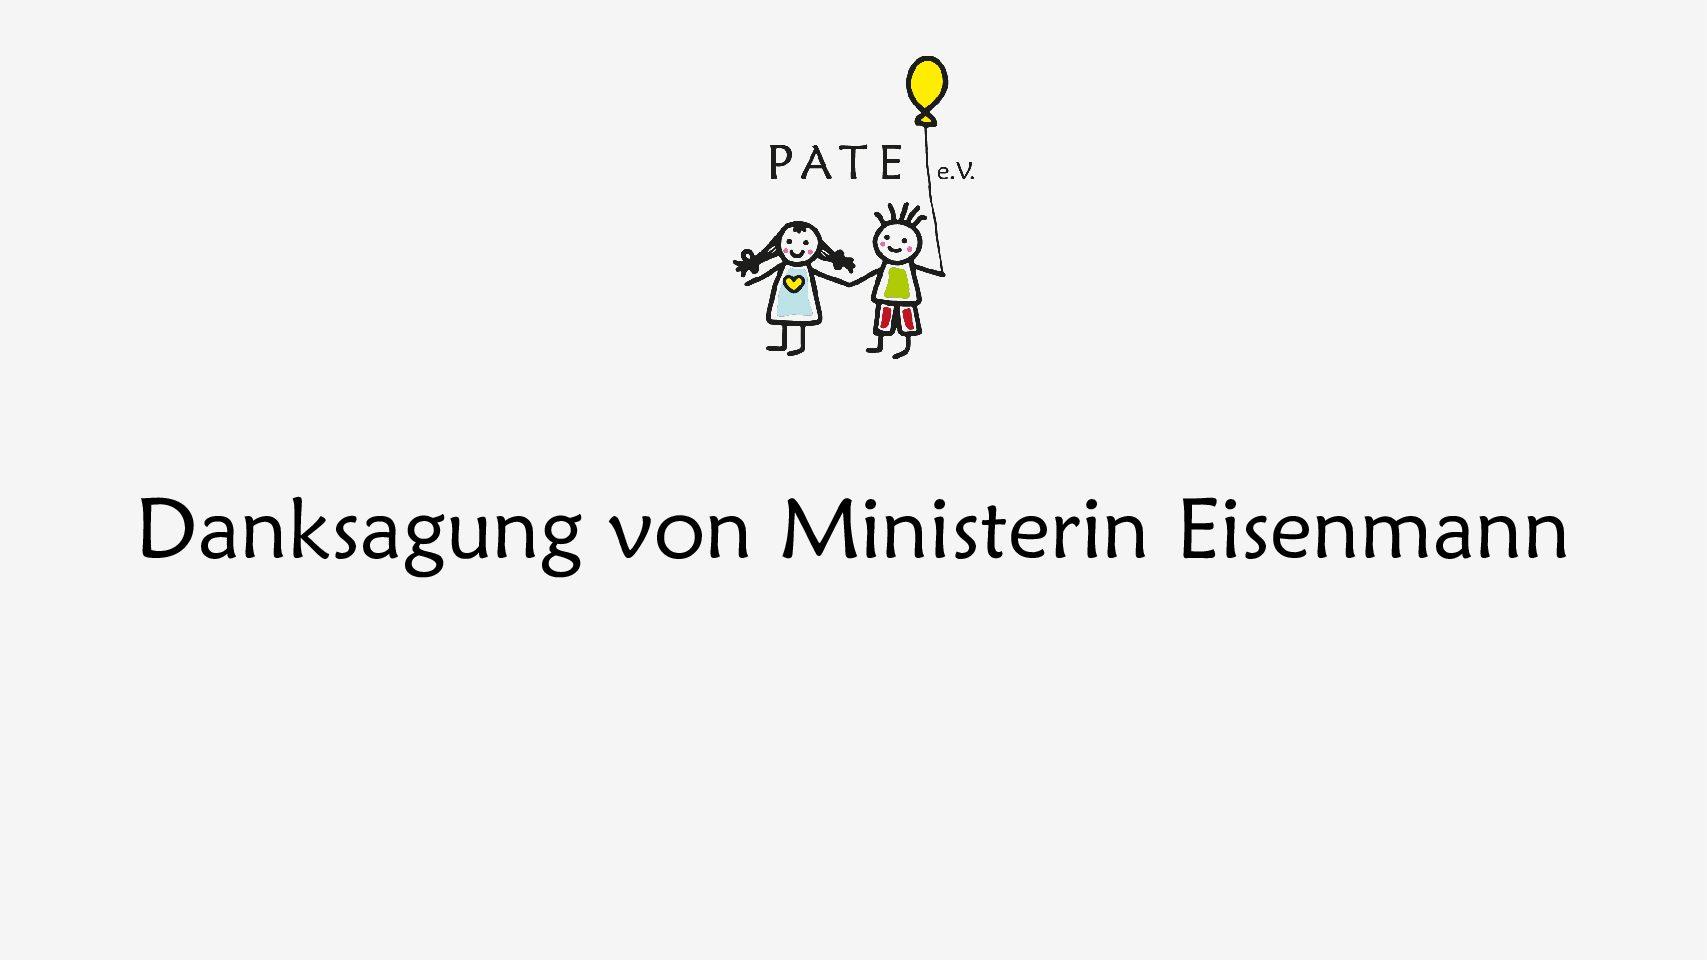 Danksagung von Ministerin Eisenmann